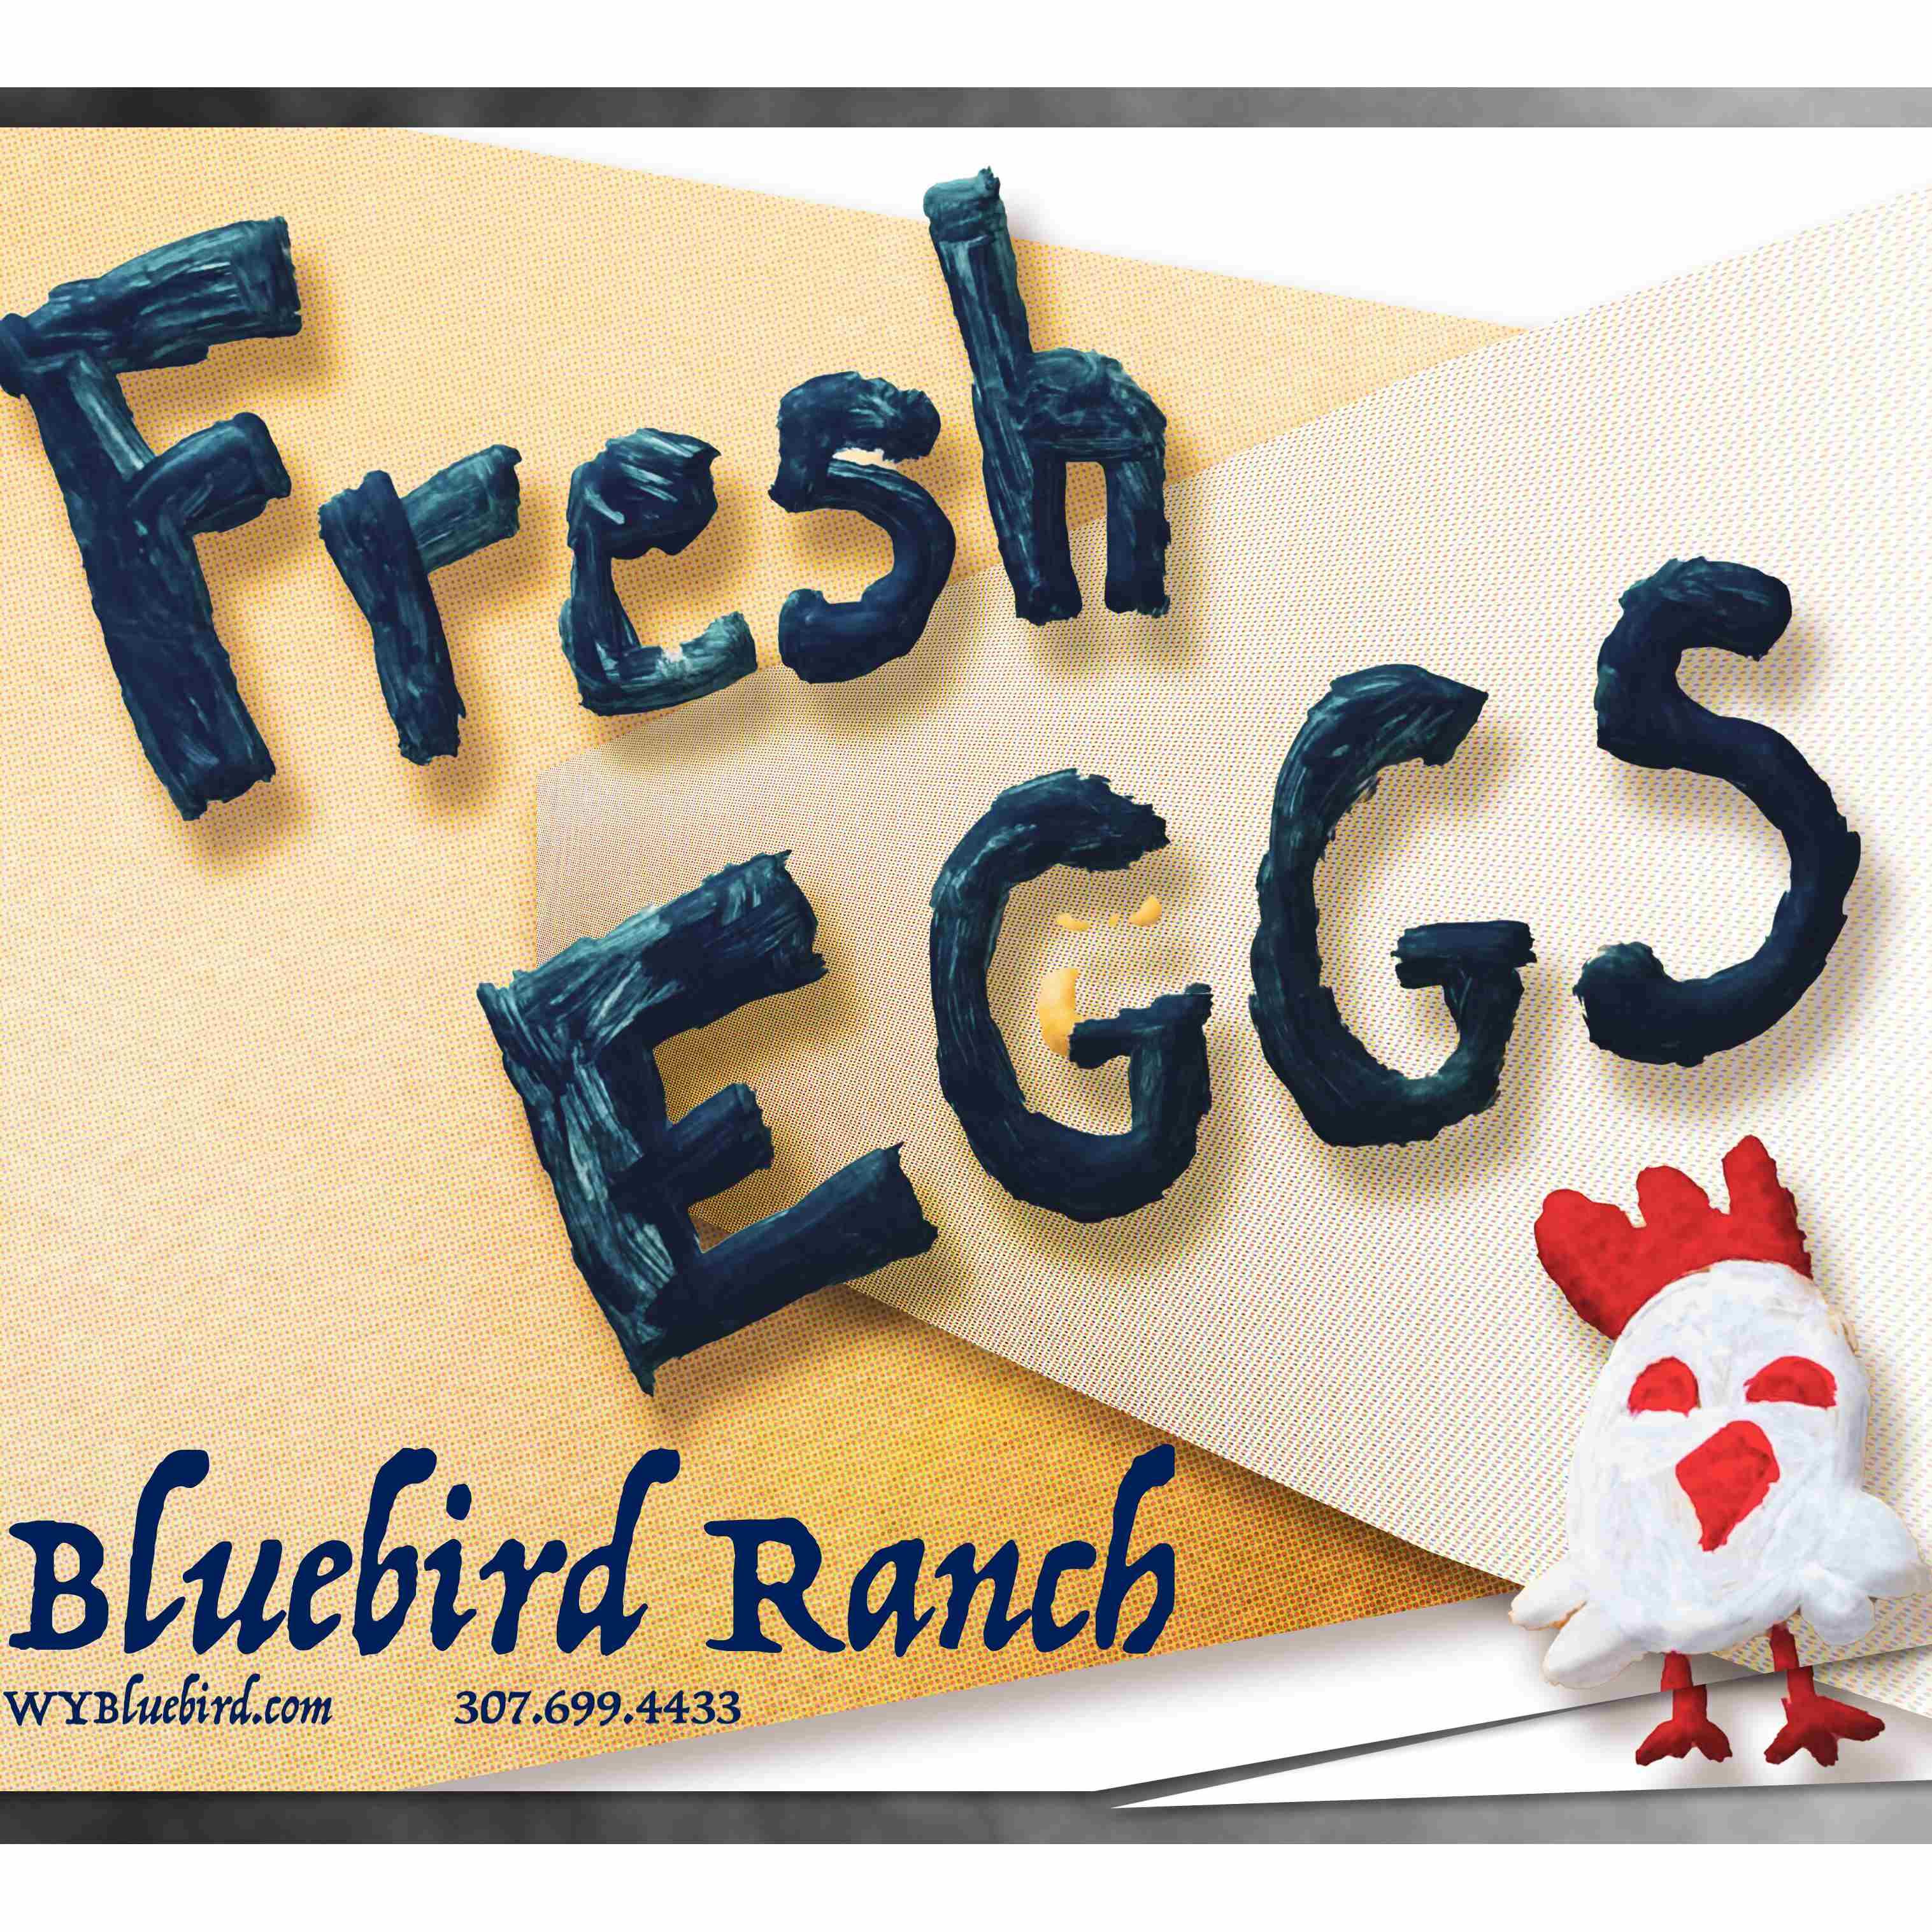 Bluebird Ranch